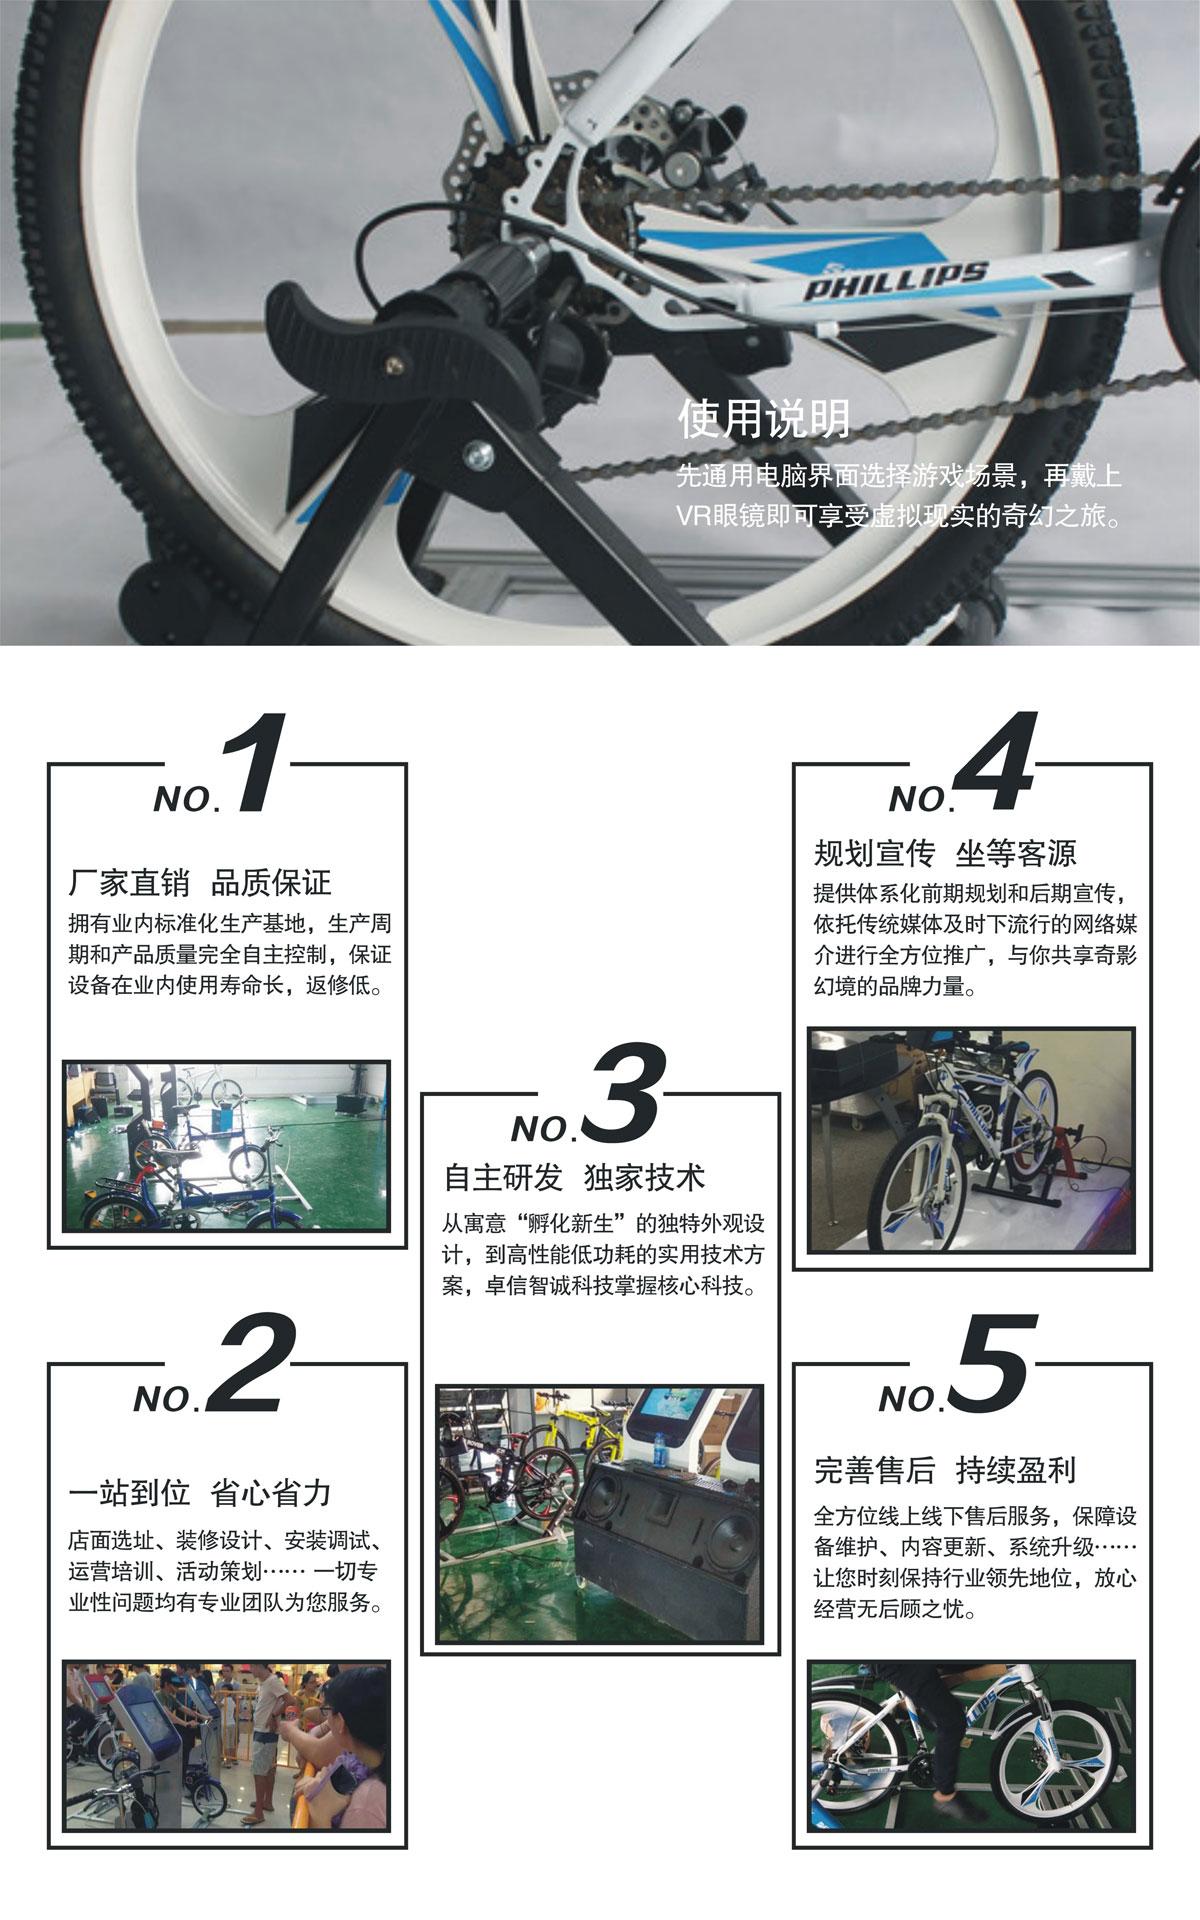 安全体验VR自行车使用说明.jpg